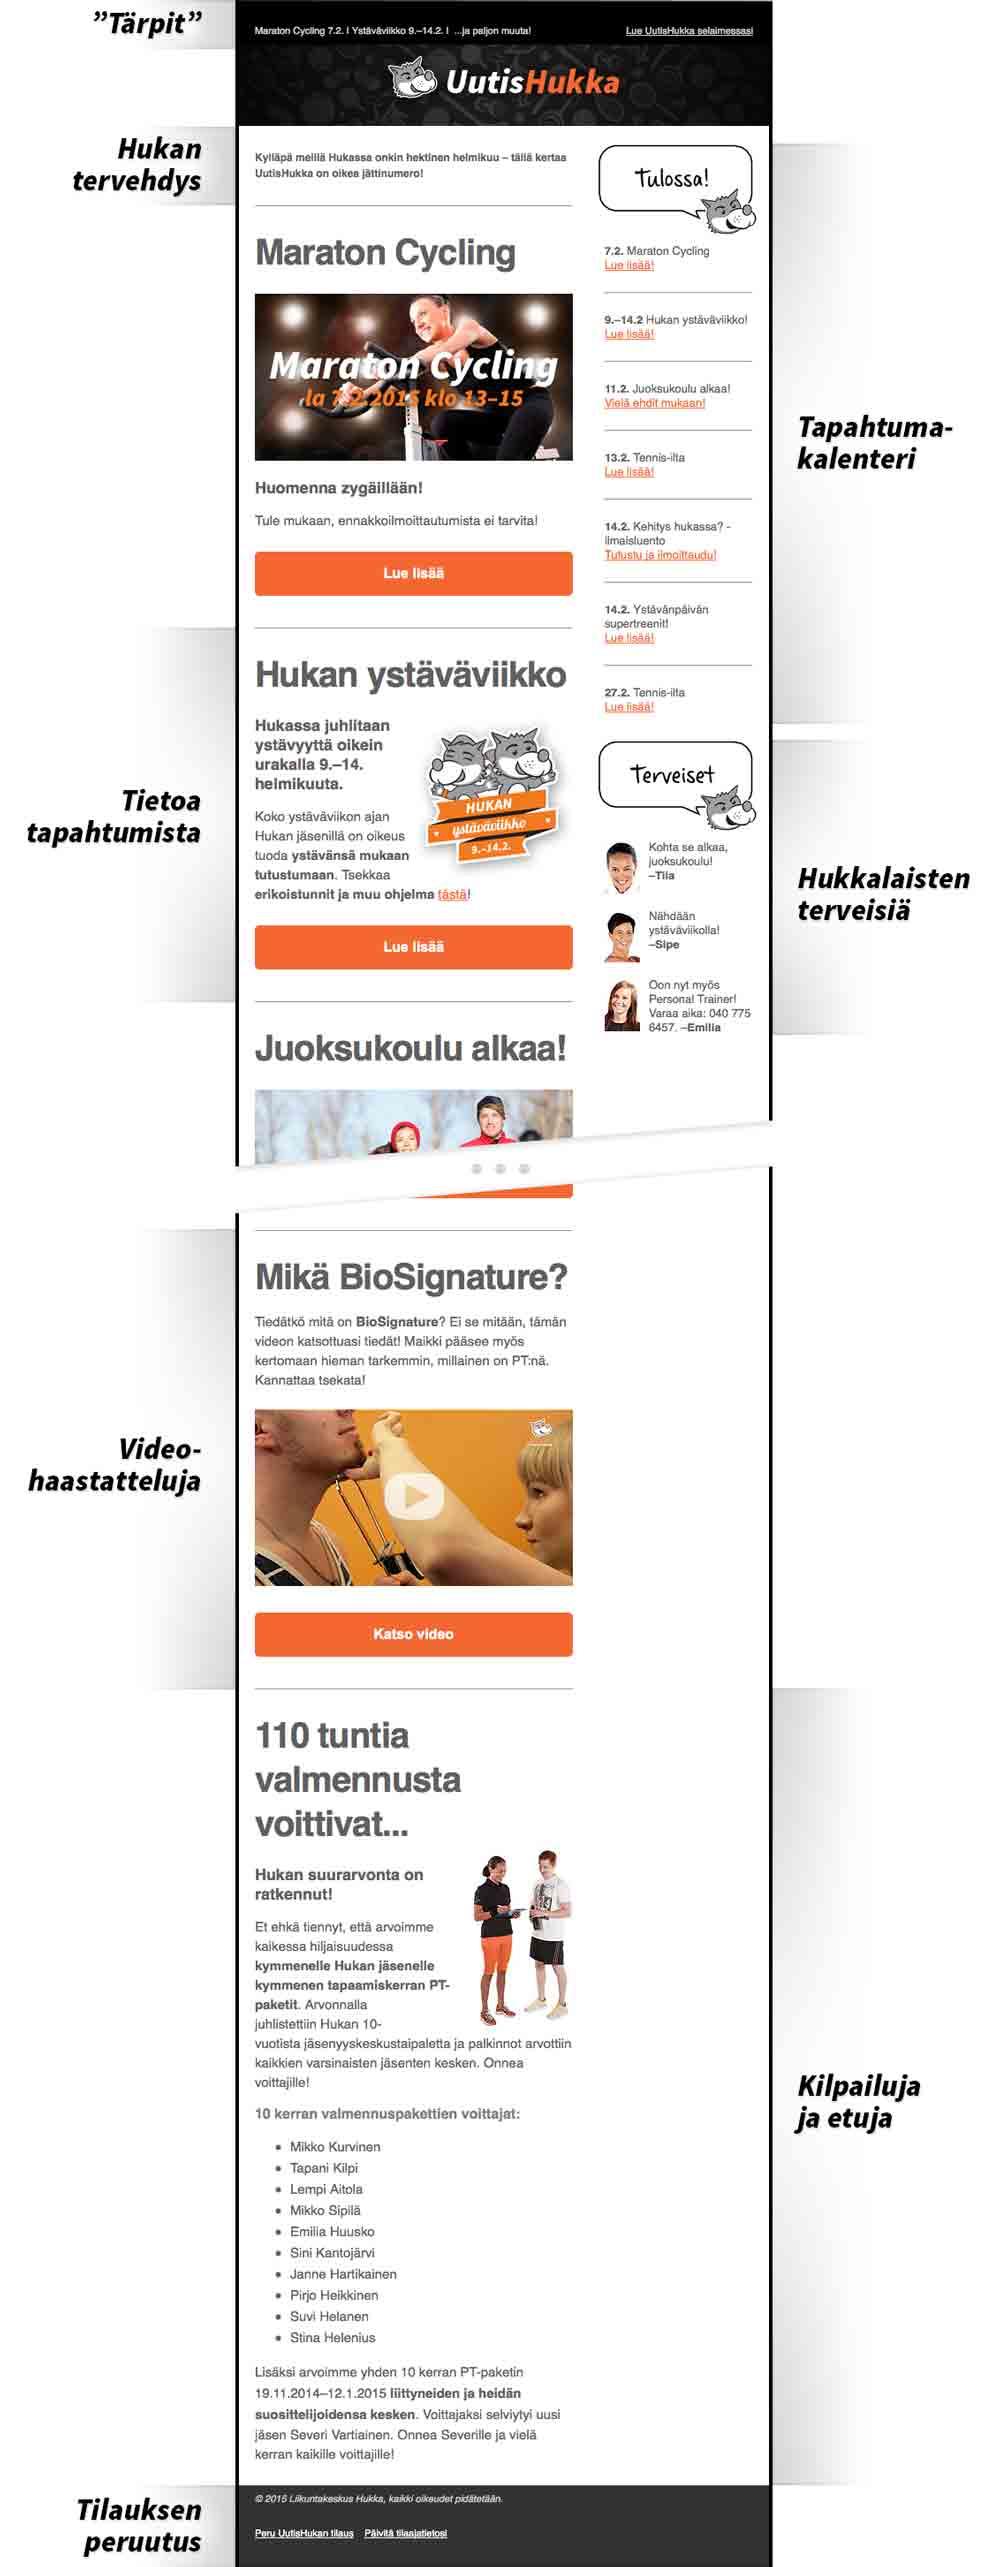 uutishukka-numero